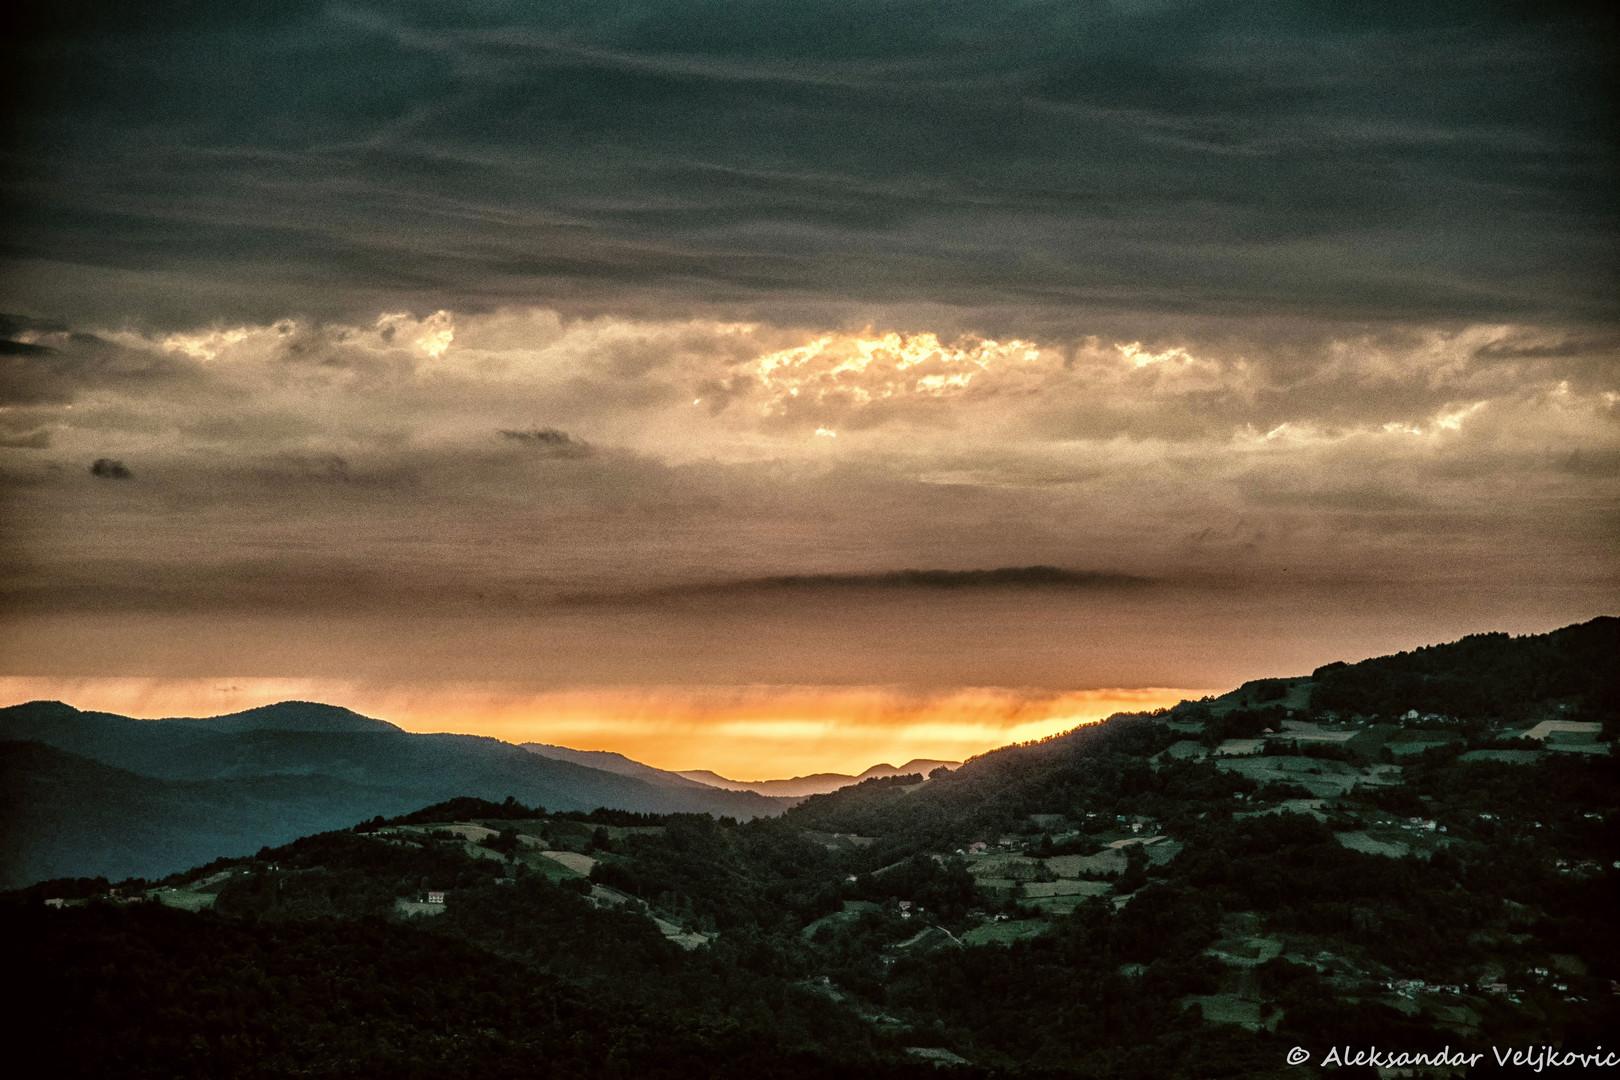 Zalazak nad Drinom